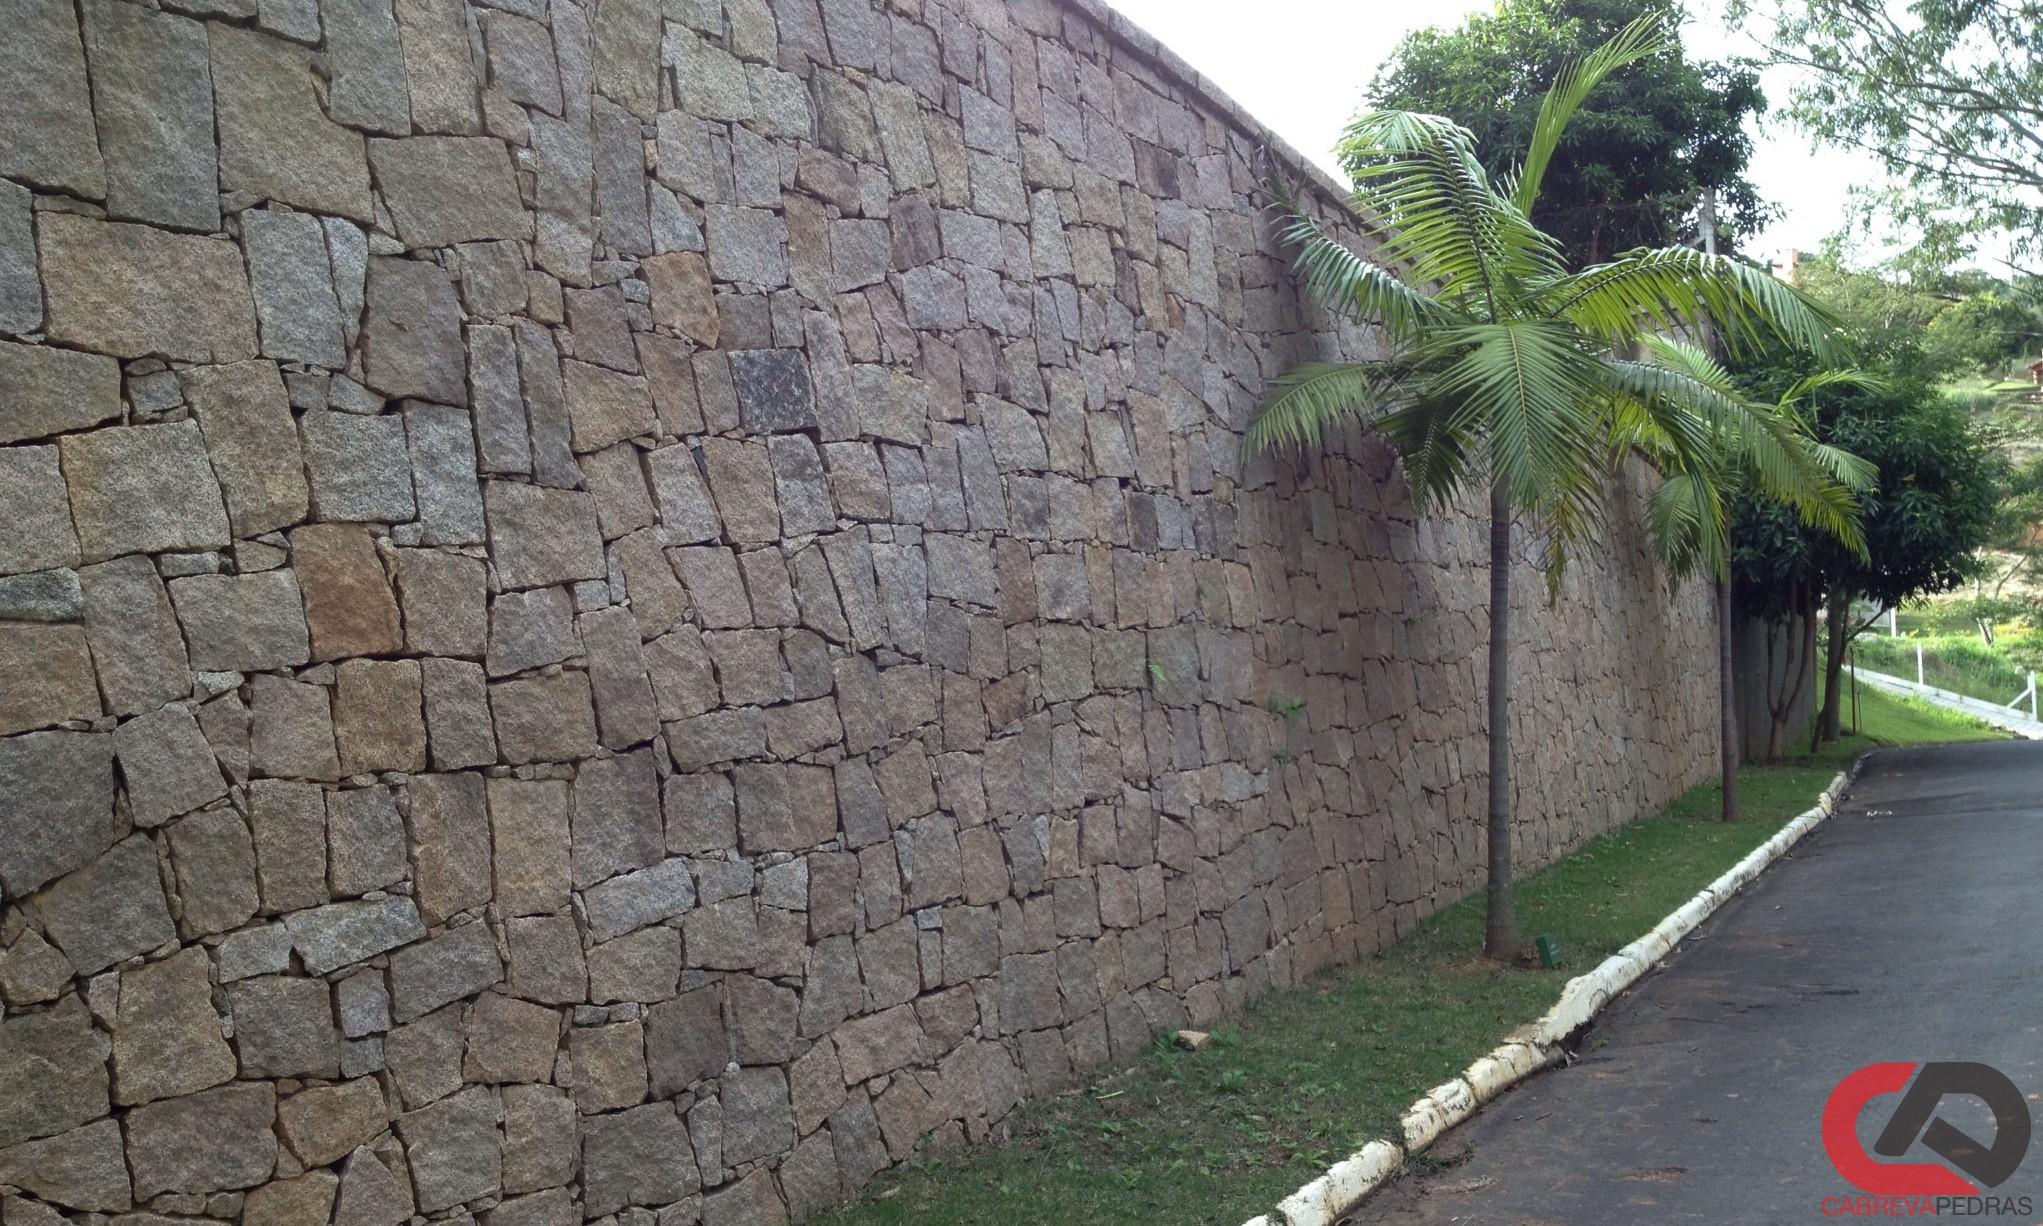 muro de pedra 04 - Muro de Pedra - Material e Mão de Obra Especializada